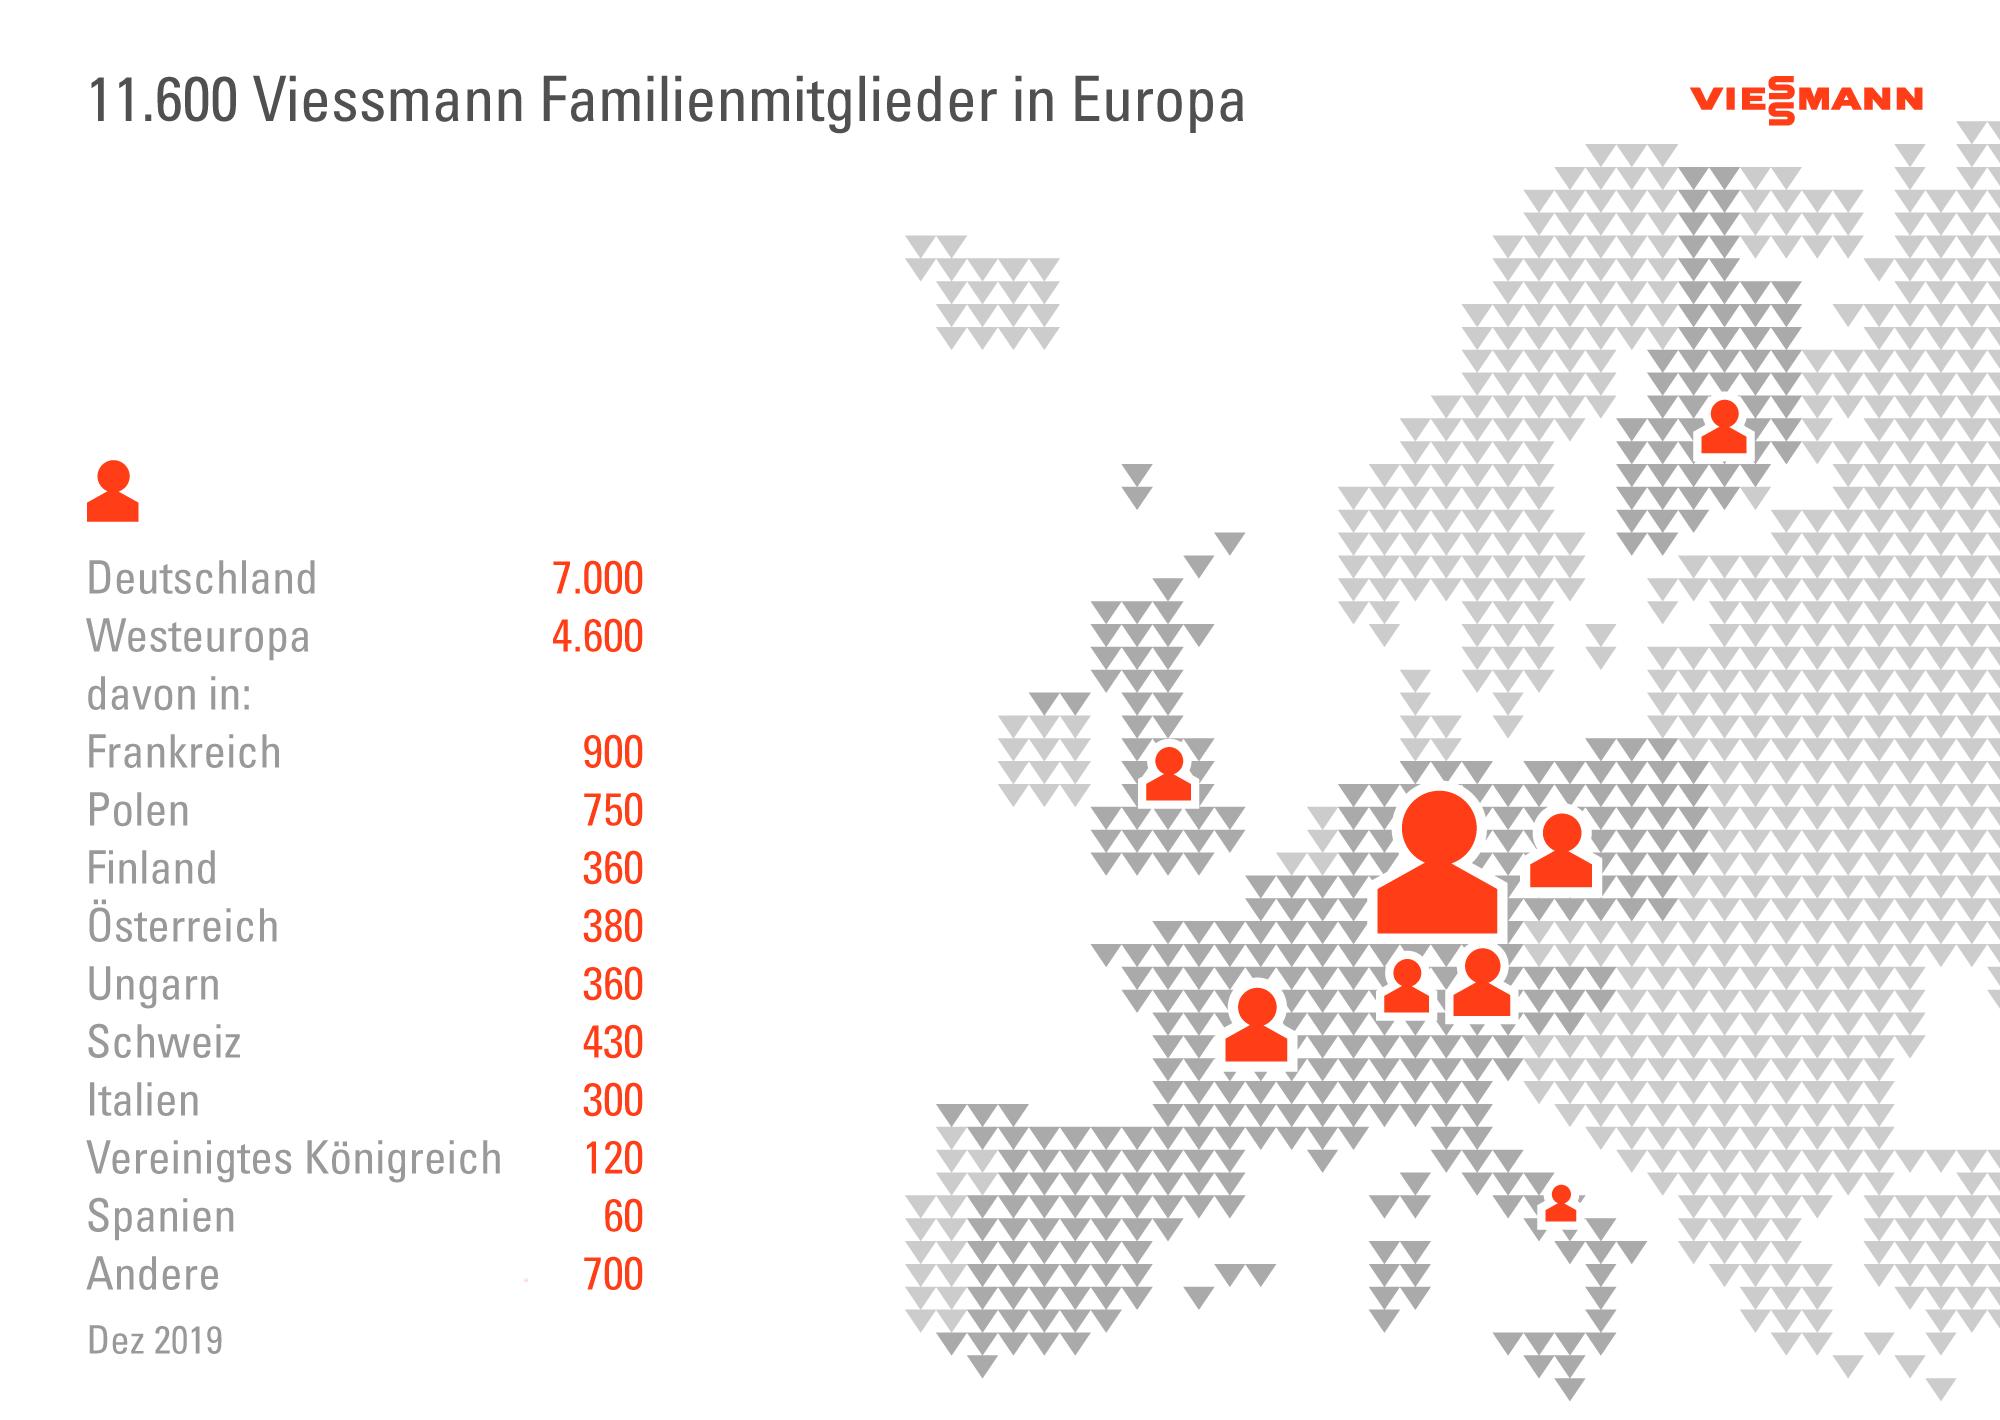 Die Grafik zeigt die Viessmann Familienmitglieder in Europa.